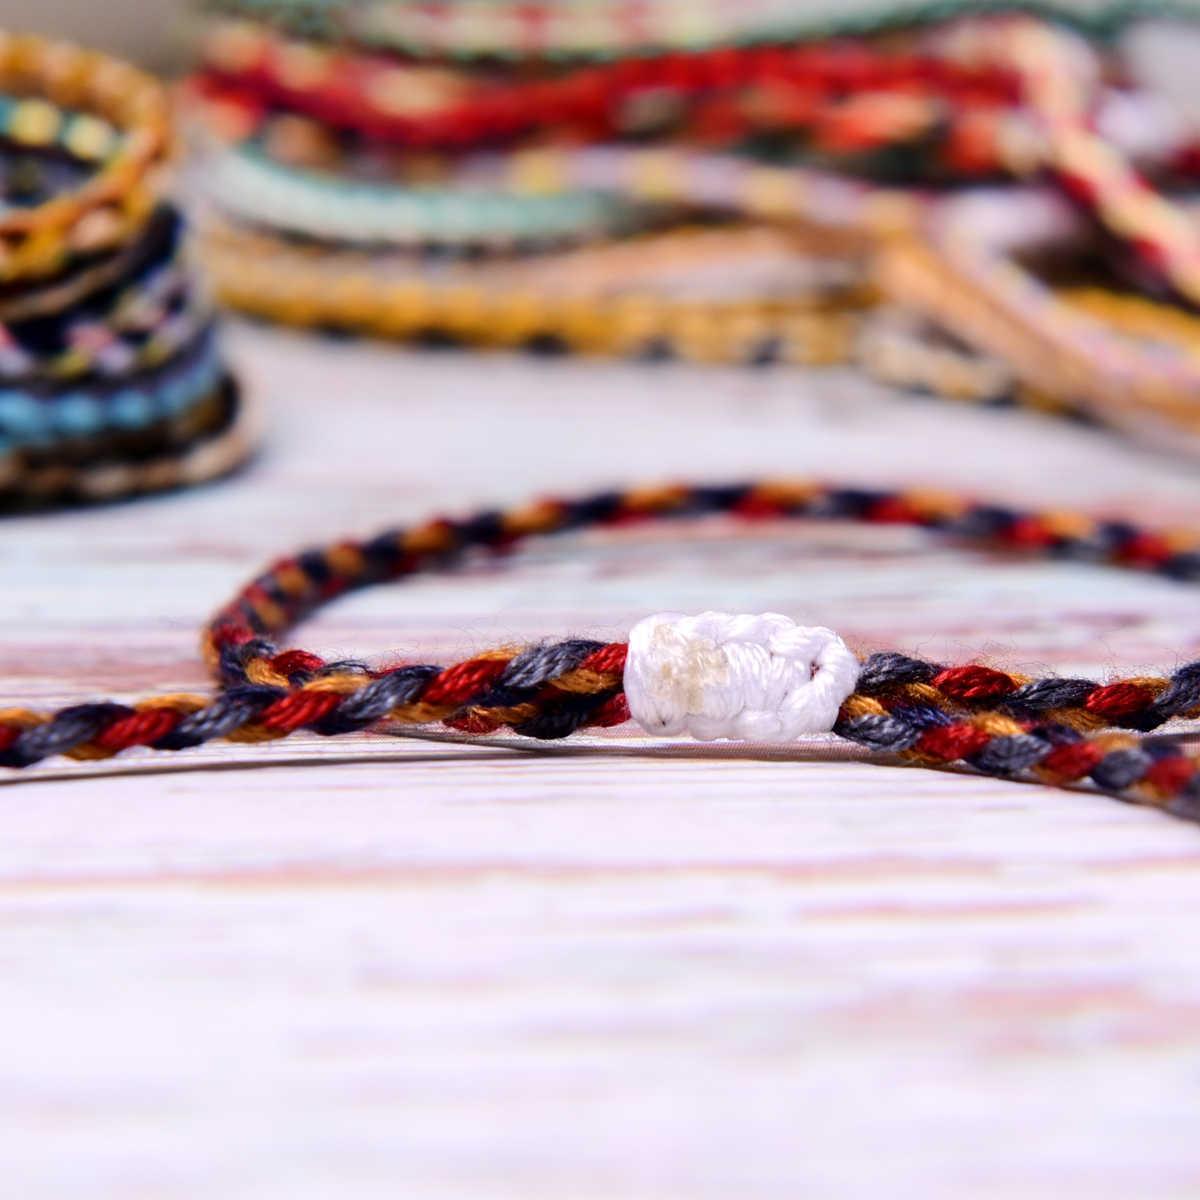 Mặt Trăng Gái Handmade Tình Bạn Vòng Đeo Tay Cho Nữ Sang Trọng Thời Trang Nam Bọc Pulseras Femme Boho Cô Gái Vintage Trang Sức Dropshipping